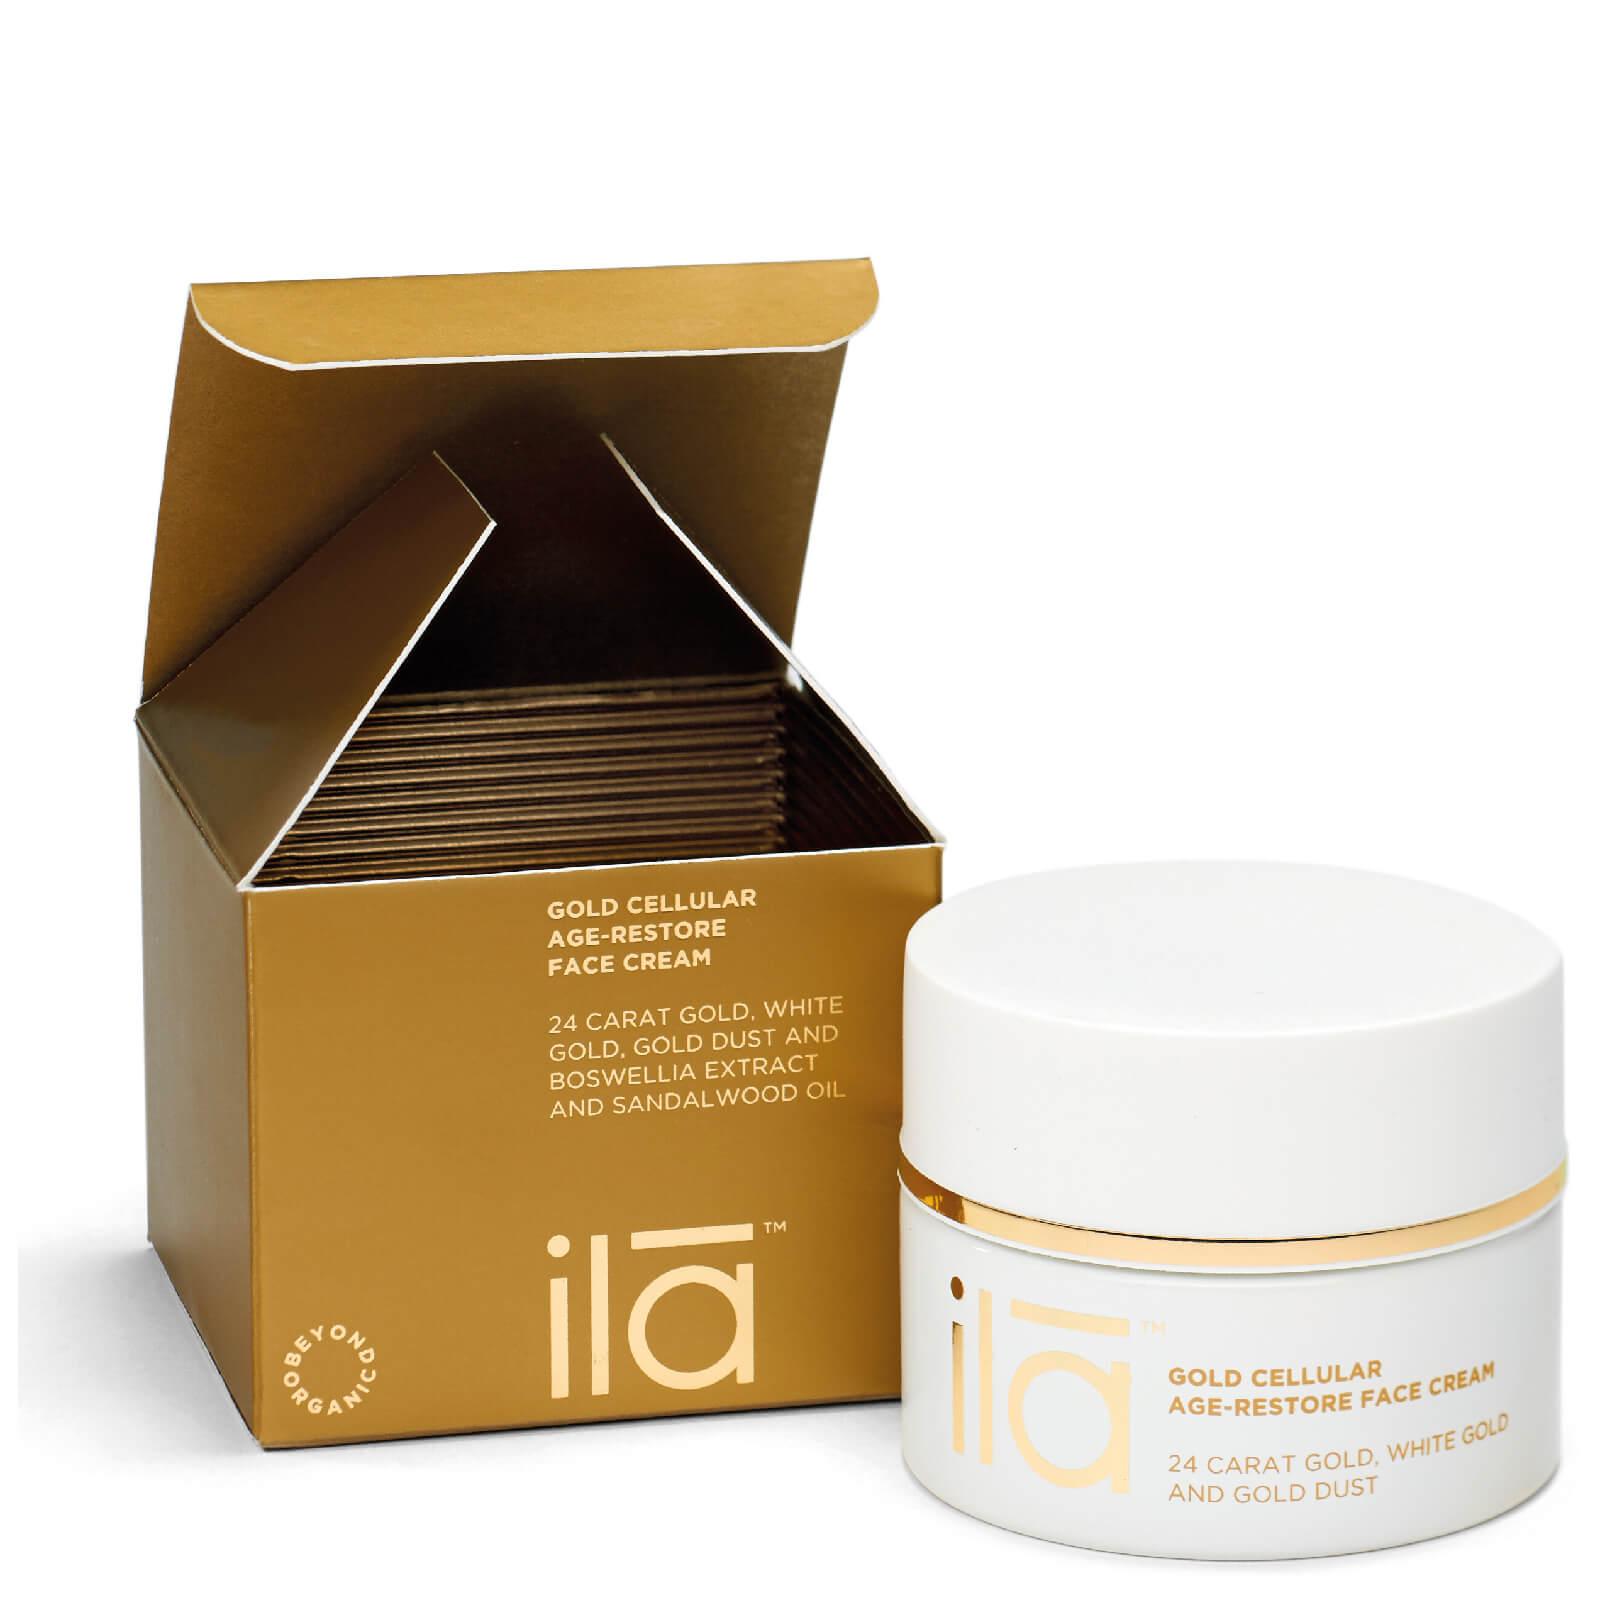 Купить Антивозрастной крем для лица с частицами золота Ila-Spa Gold Cellular Age-Restore Face Cream 50г